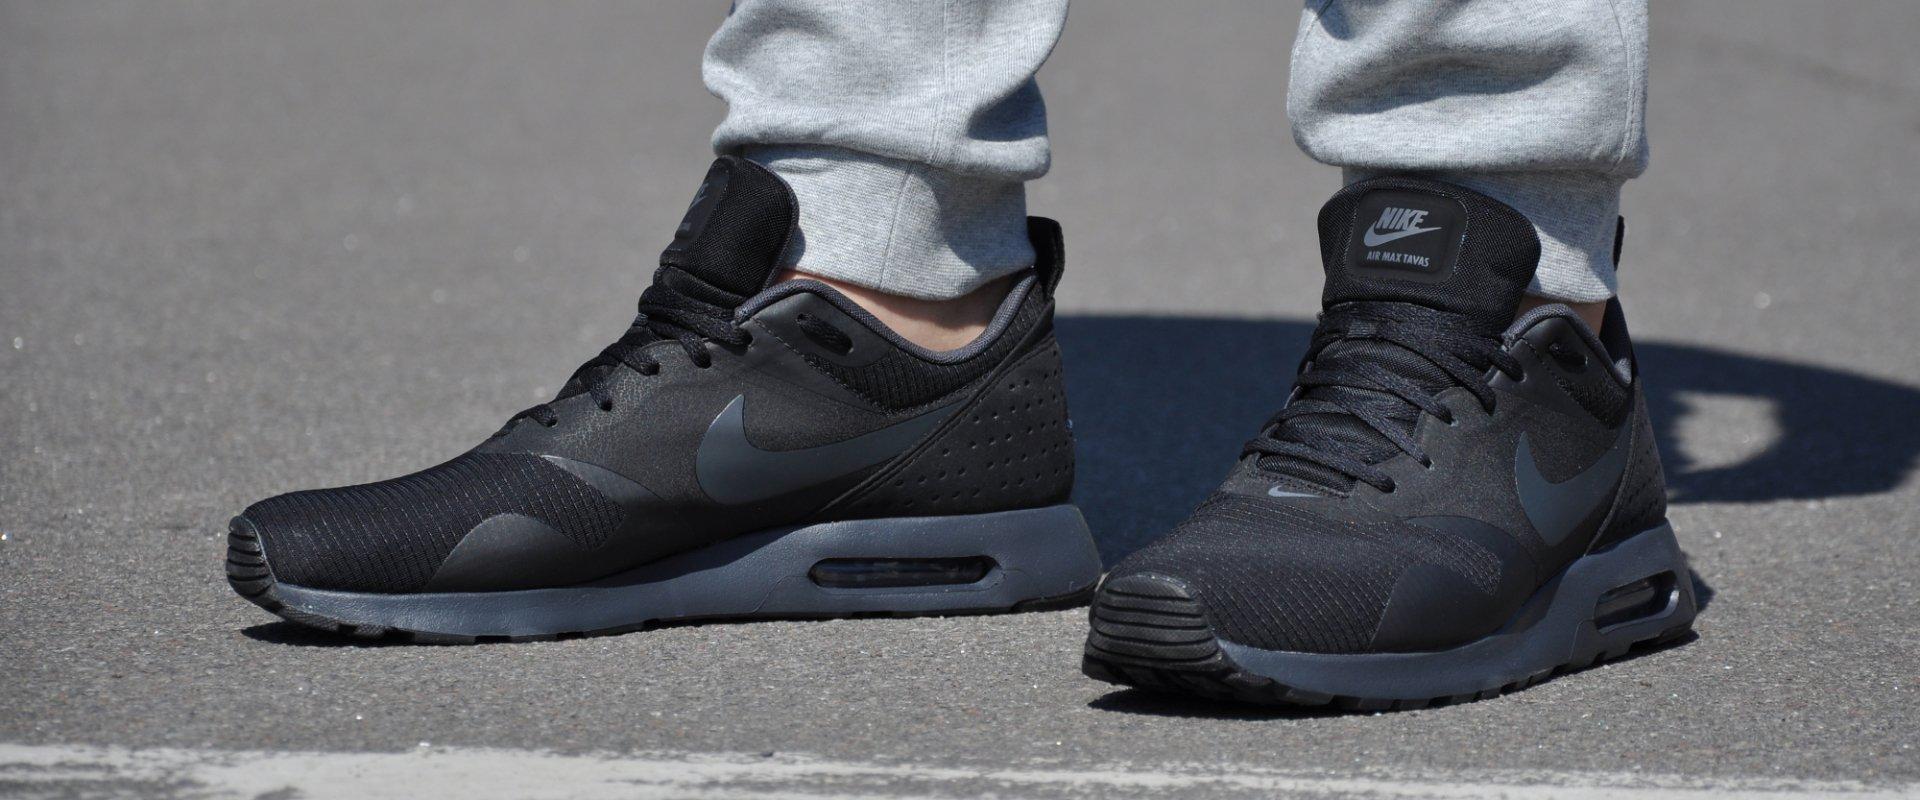 846a1e7b8910cd Технології Nike: опис функціональних особливостей одягу, взуття та ...